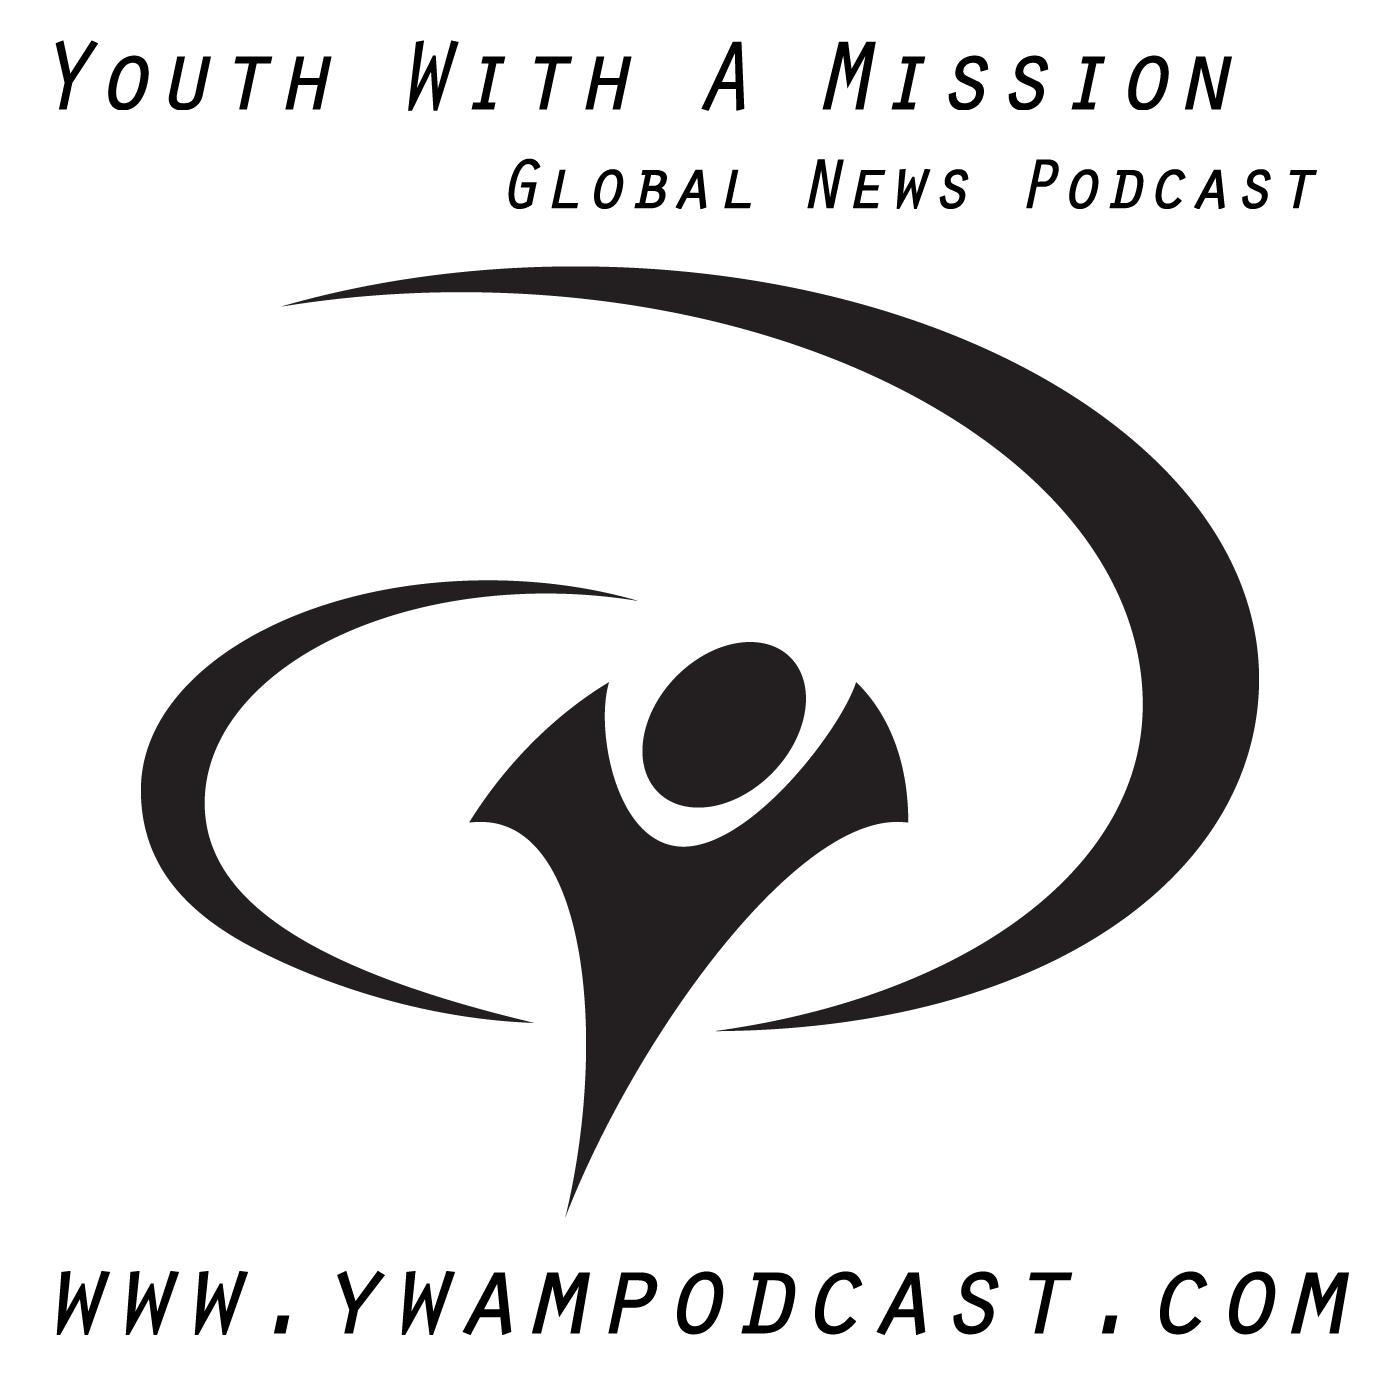 YWAM News Podcast